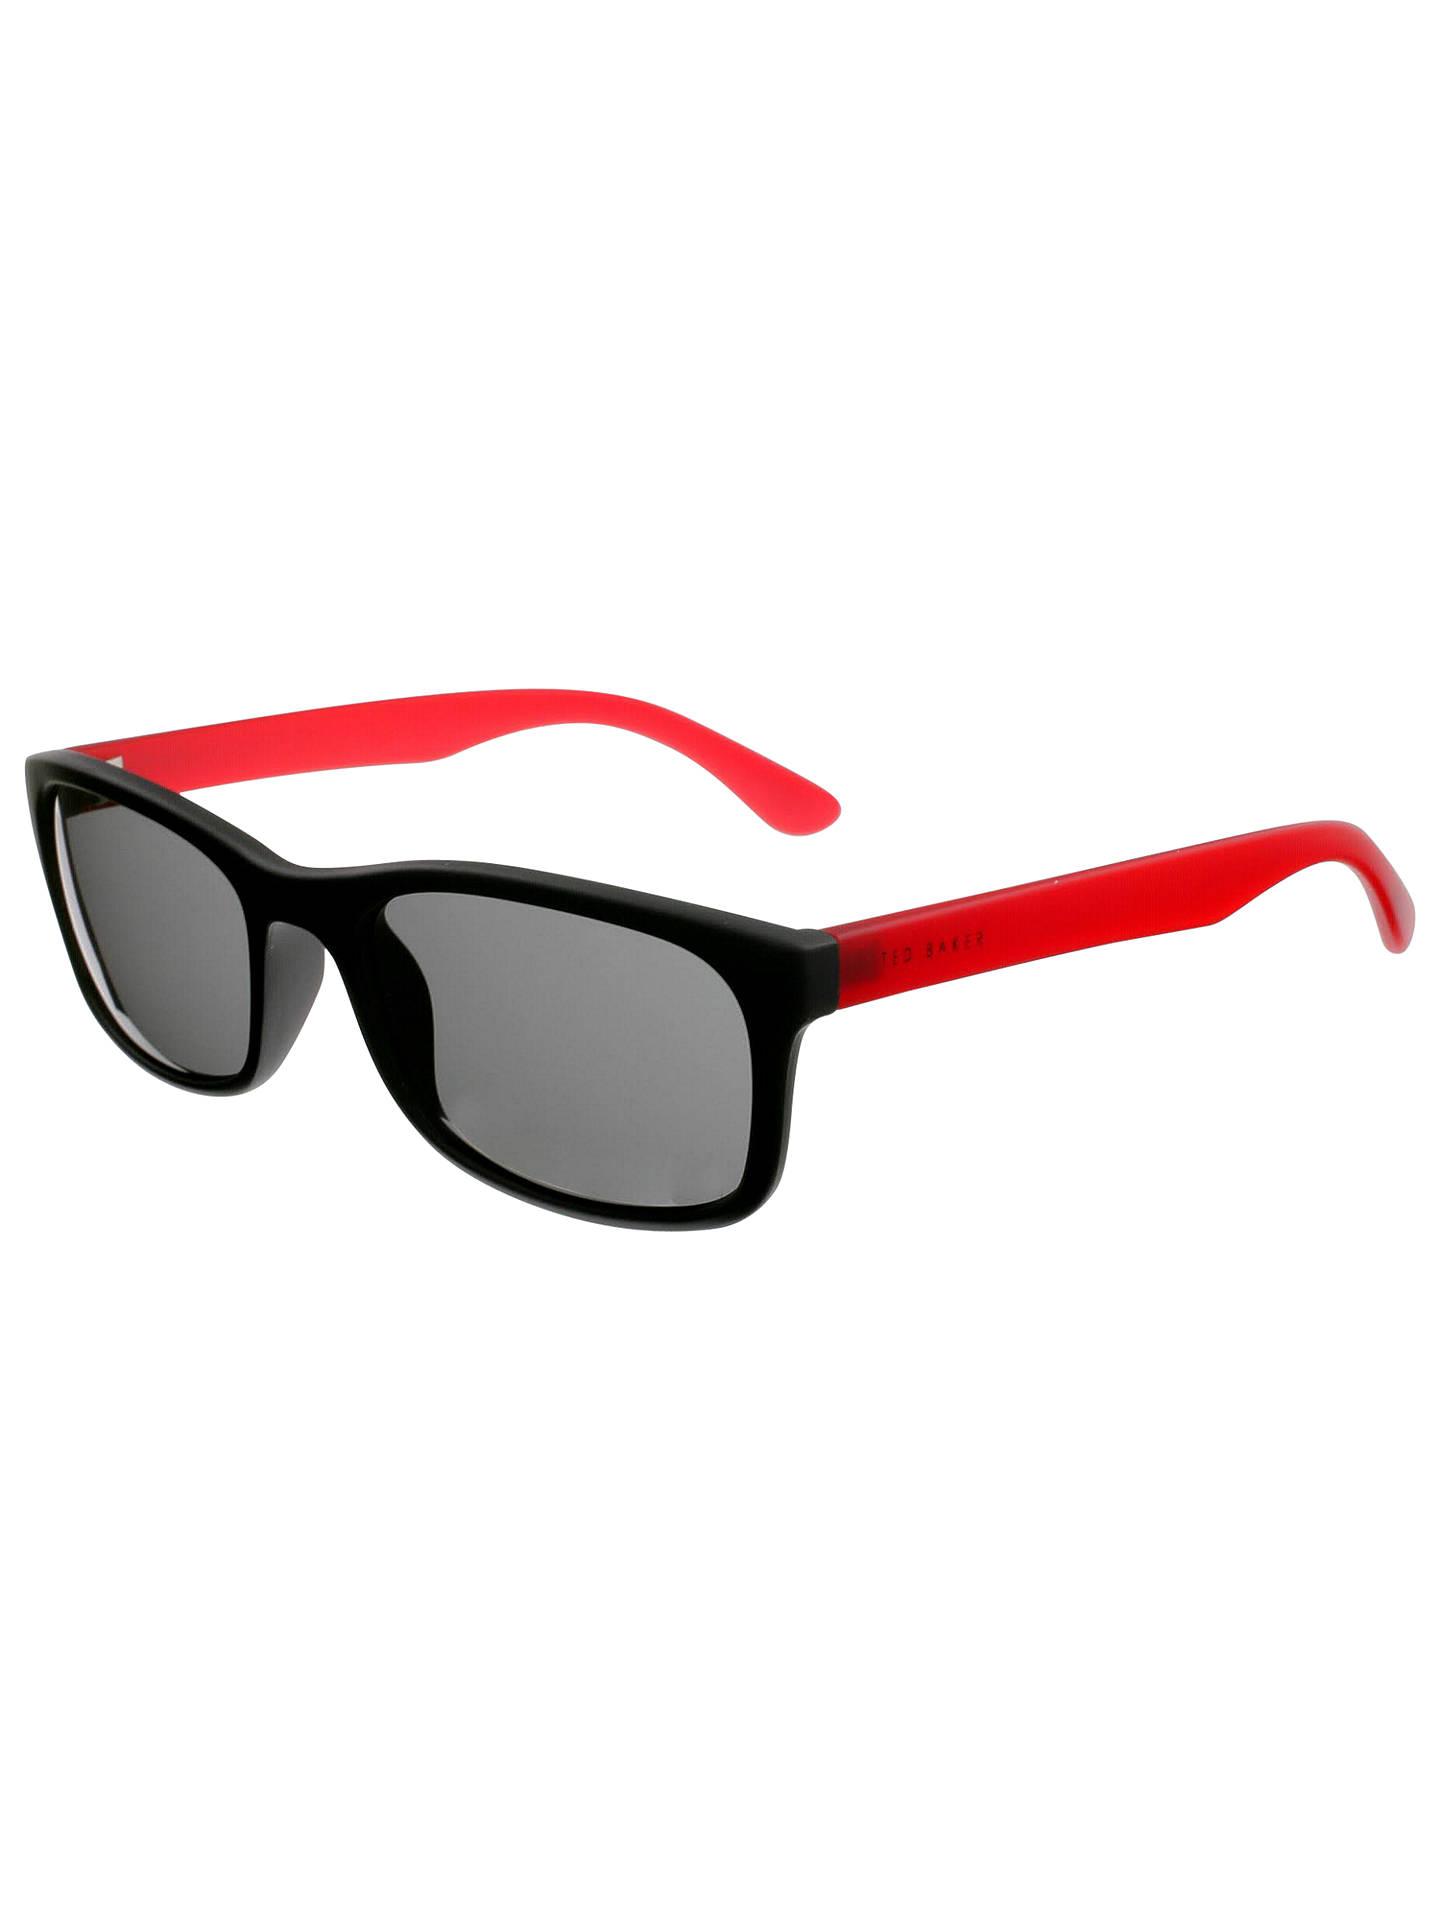 af6106fc24377 Buy Ted Baker TB1276 Winslow Sunglasses